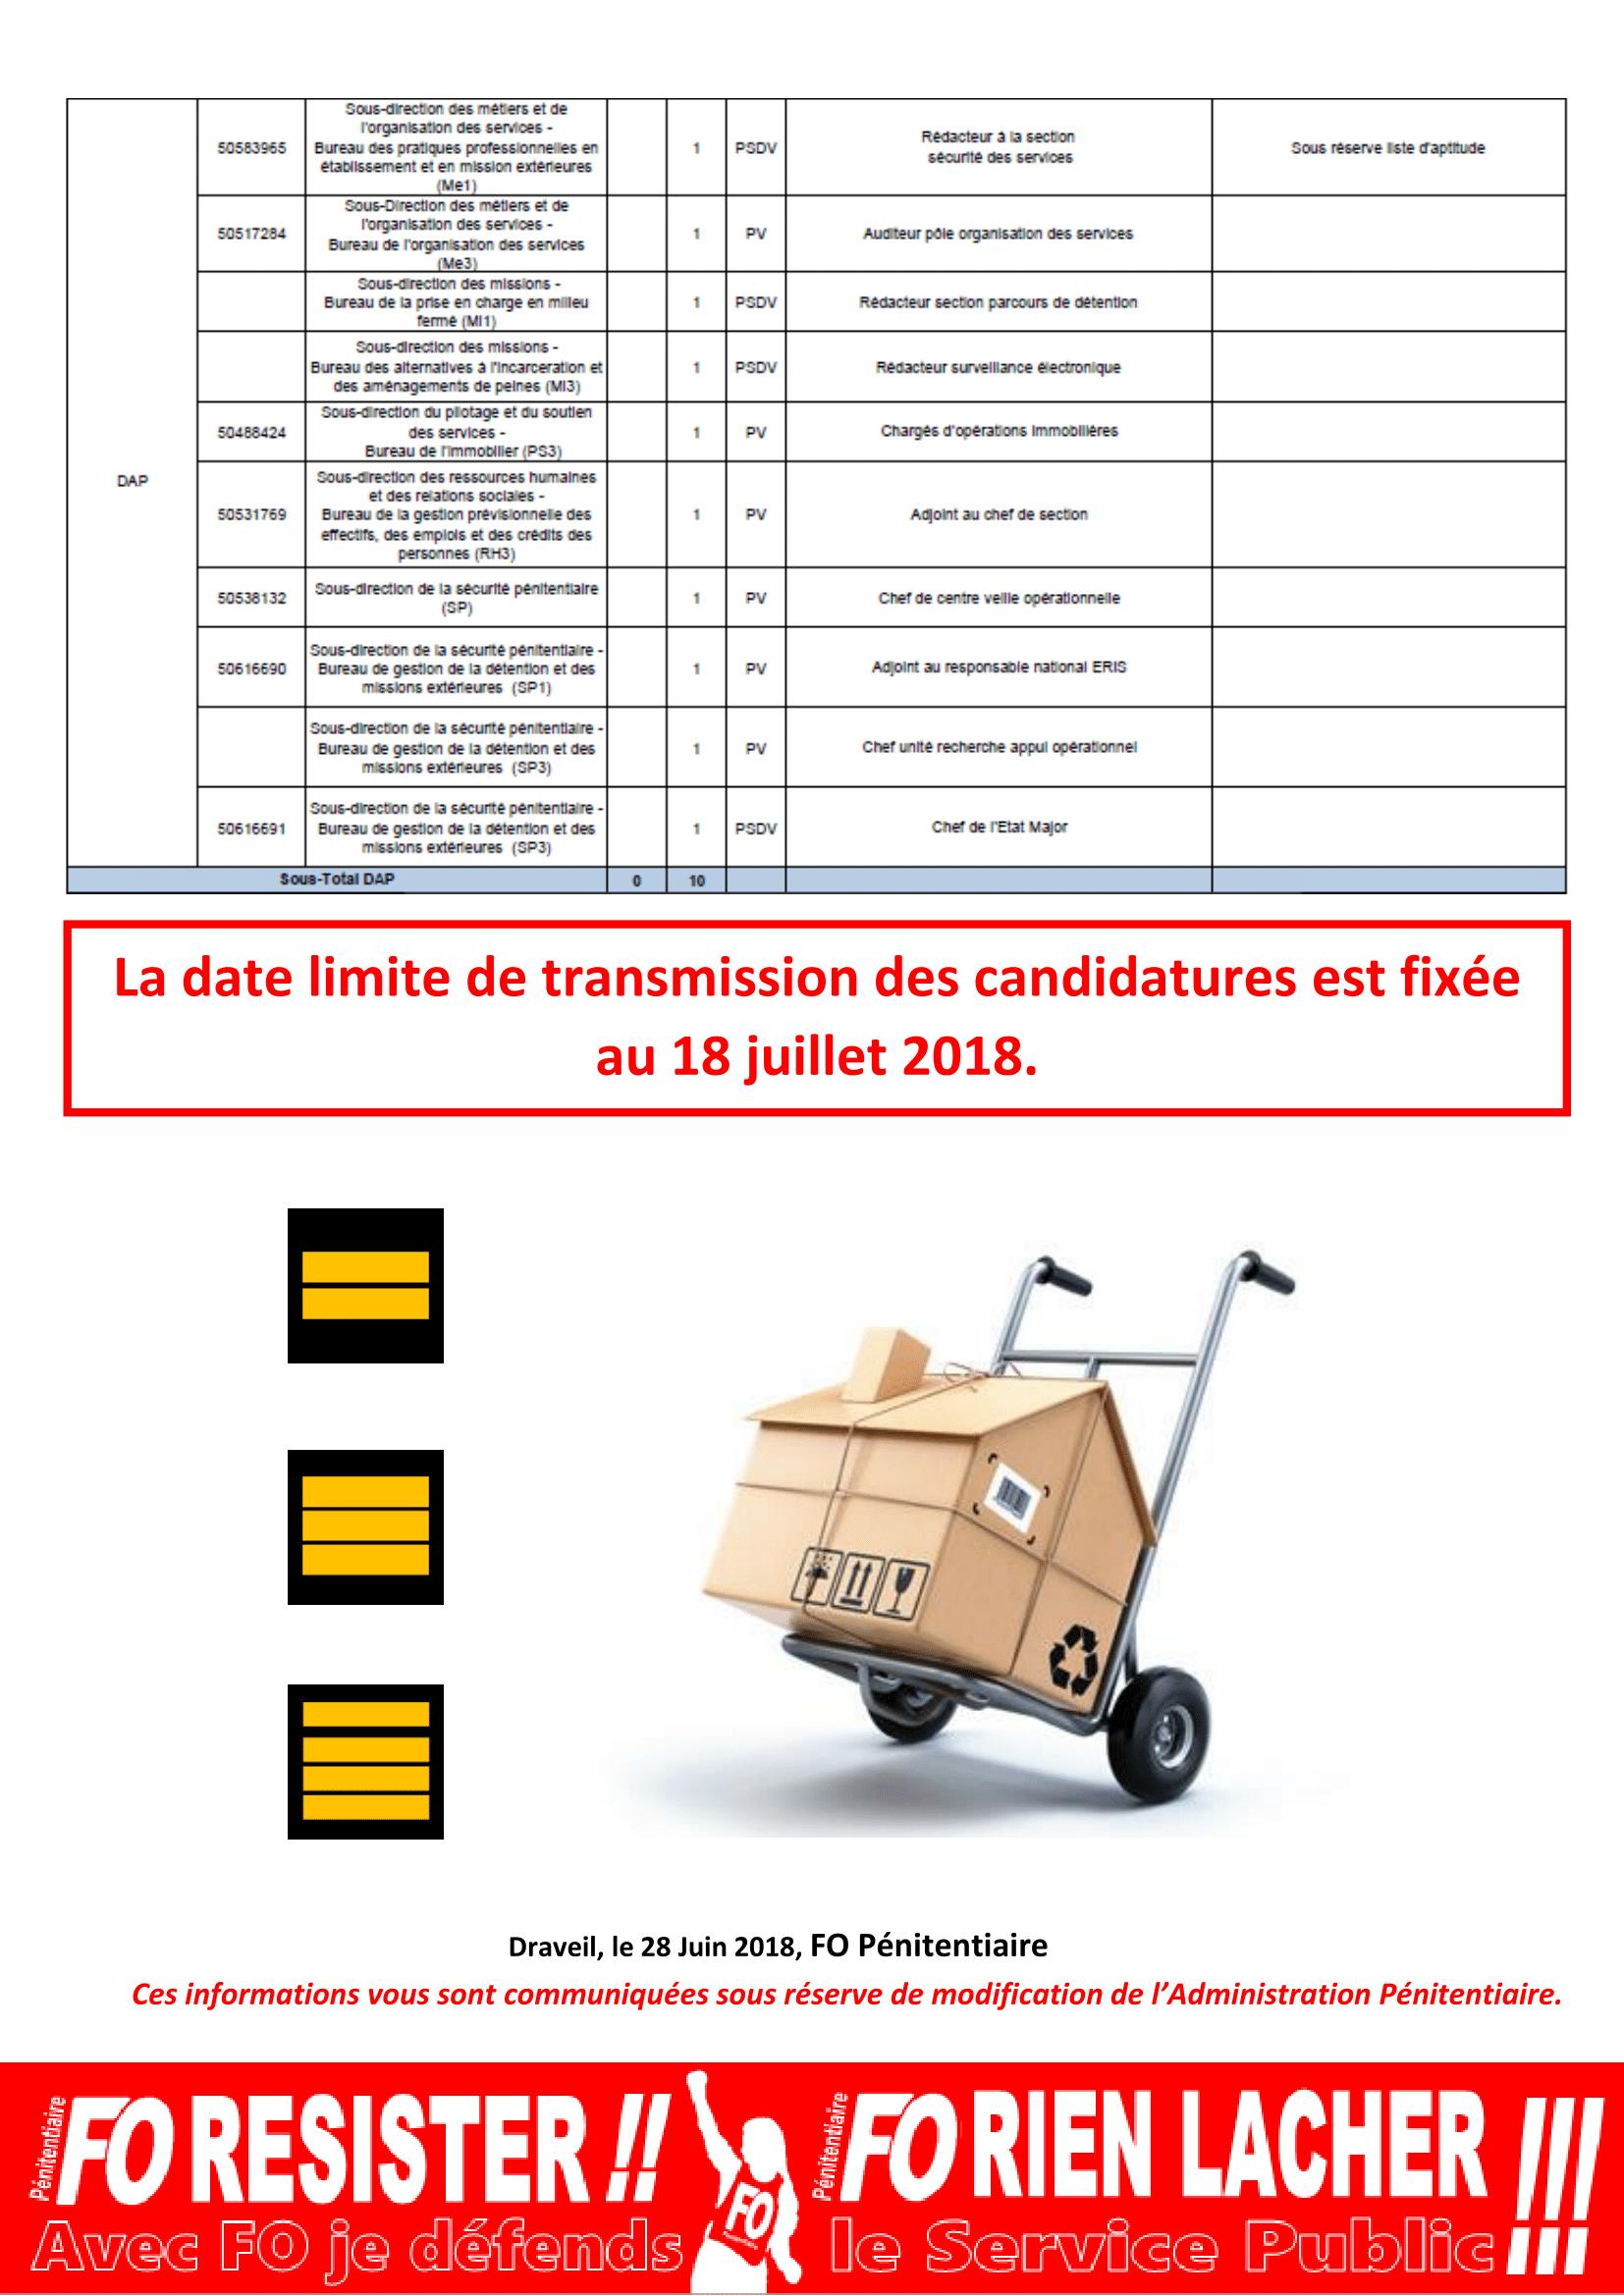 20180628 - Communiqué National - Postes mobilité CDC 12 et 13 juillet 2018-2